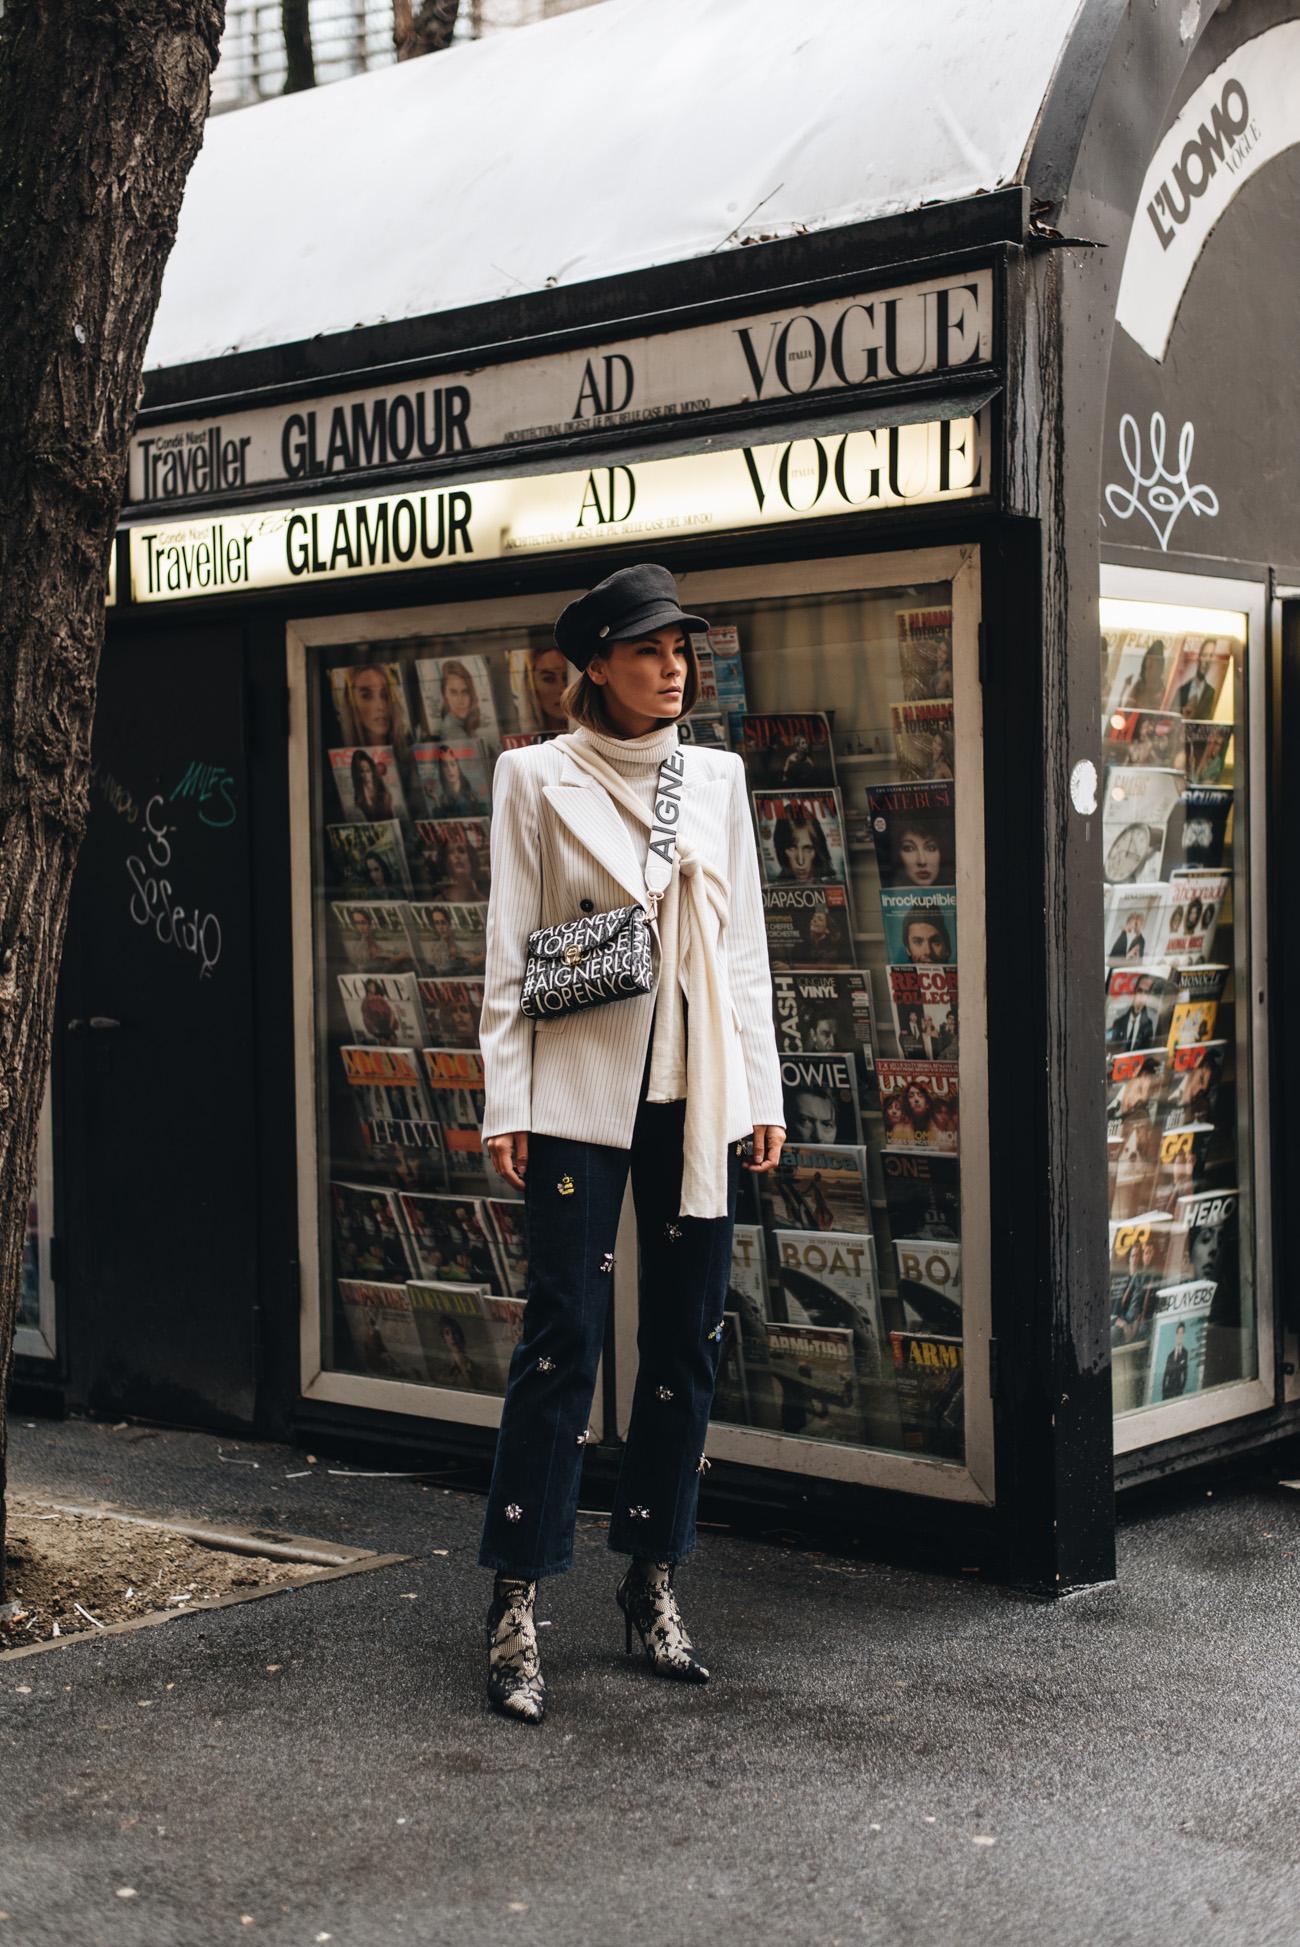 Mailand-Vogue-Zeitungsstand-Kiosk-nina-schwichtenberg-fashiioncarpet